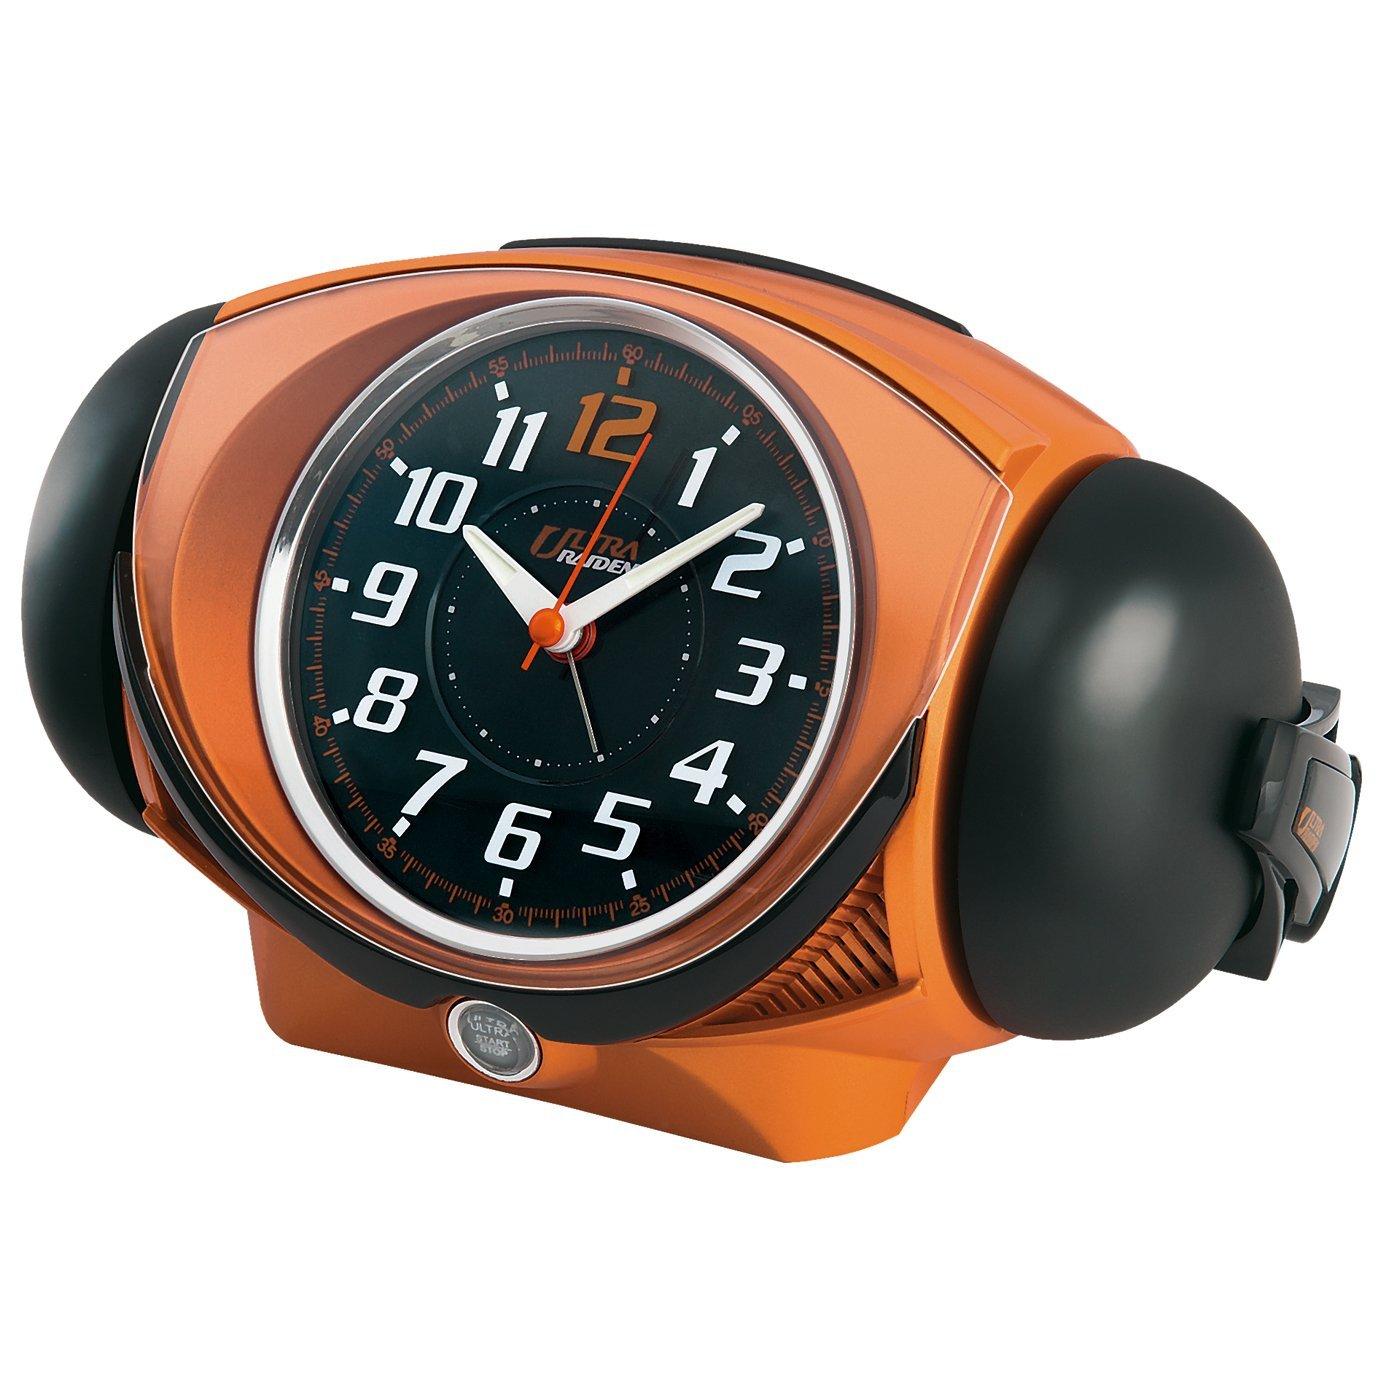 【世界のSEIKO】センス良しな大音量目覚まし時計(これなら起きれるかも)